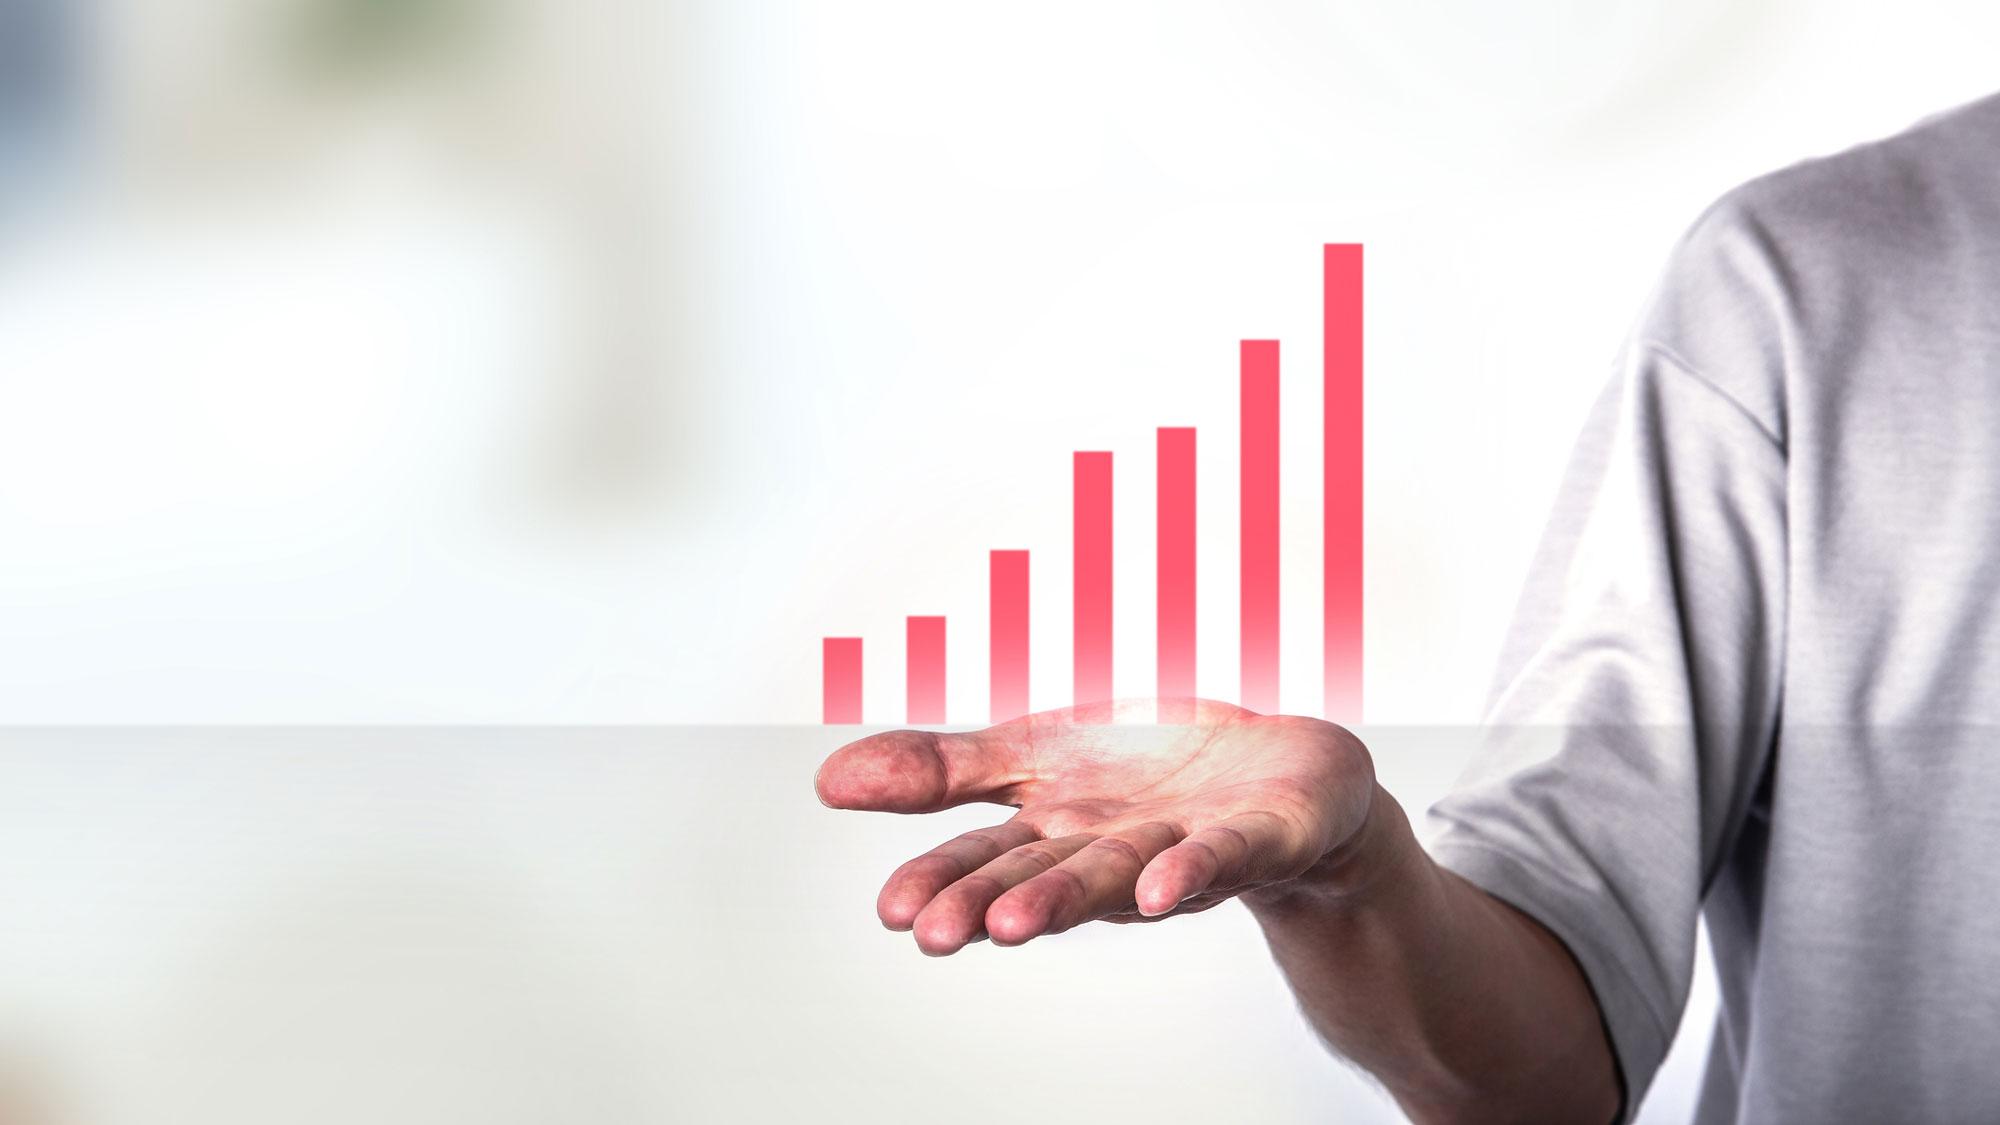 売上高営業利益率――イノベーションなくして劇的向上はない   GLOBIS 知見録